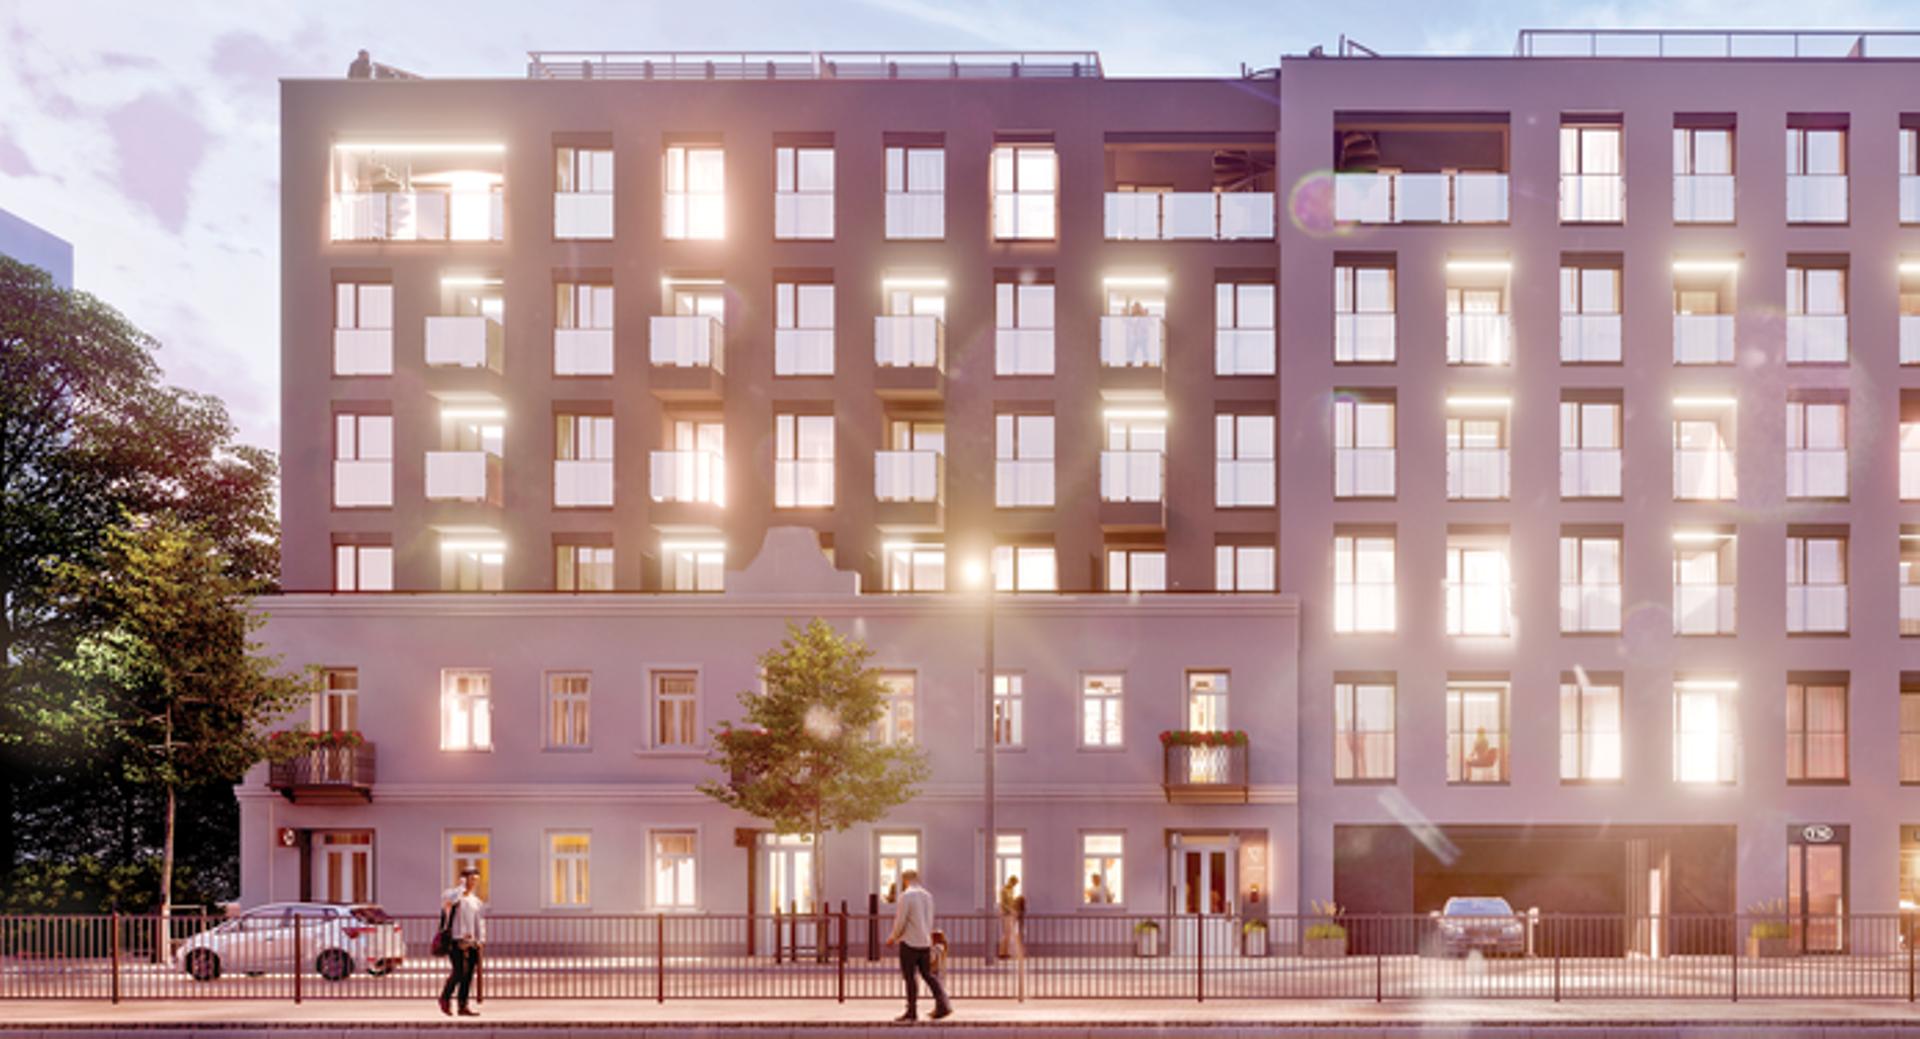 Warszawa: Grochowska 230 – Bouygues Immobilier nadbuduje najstarszy dom na Grochowie